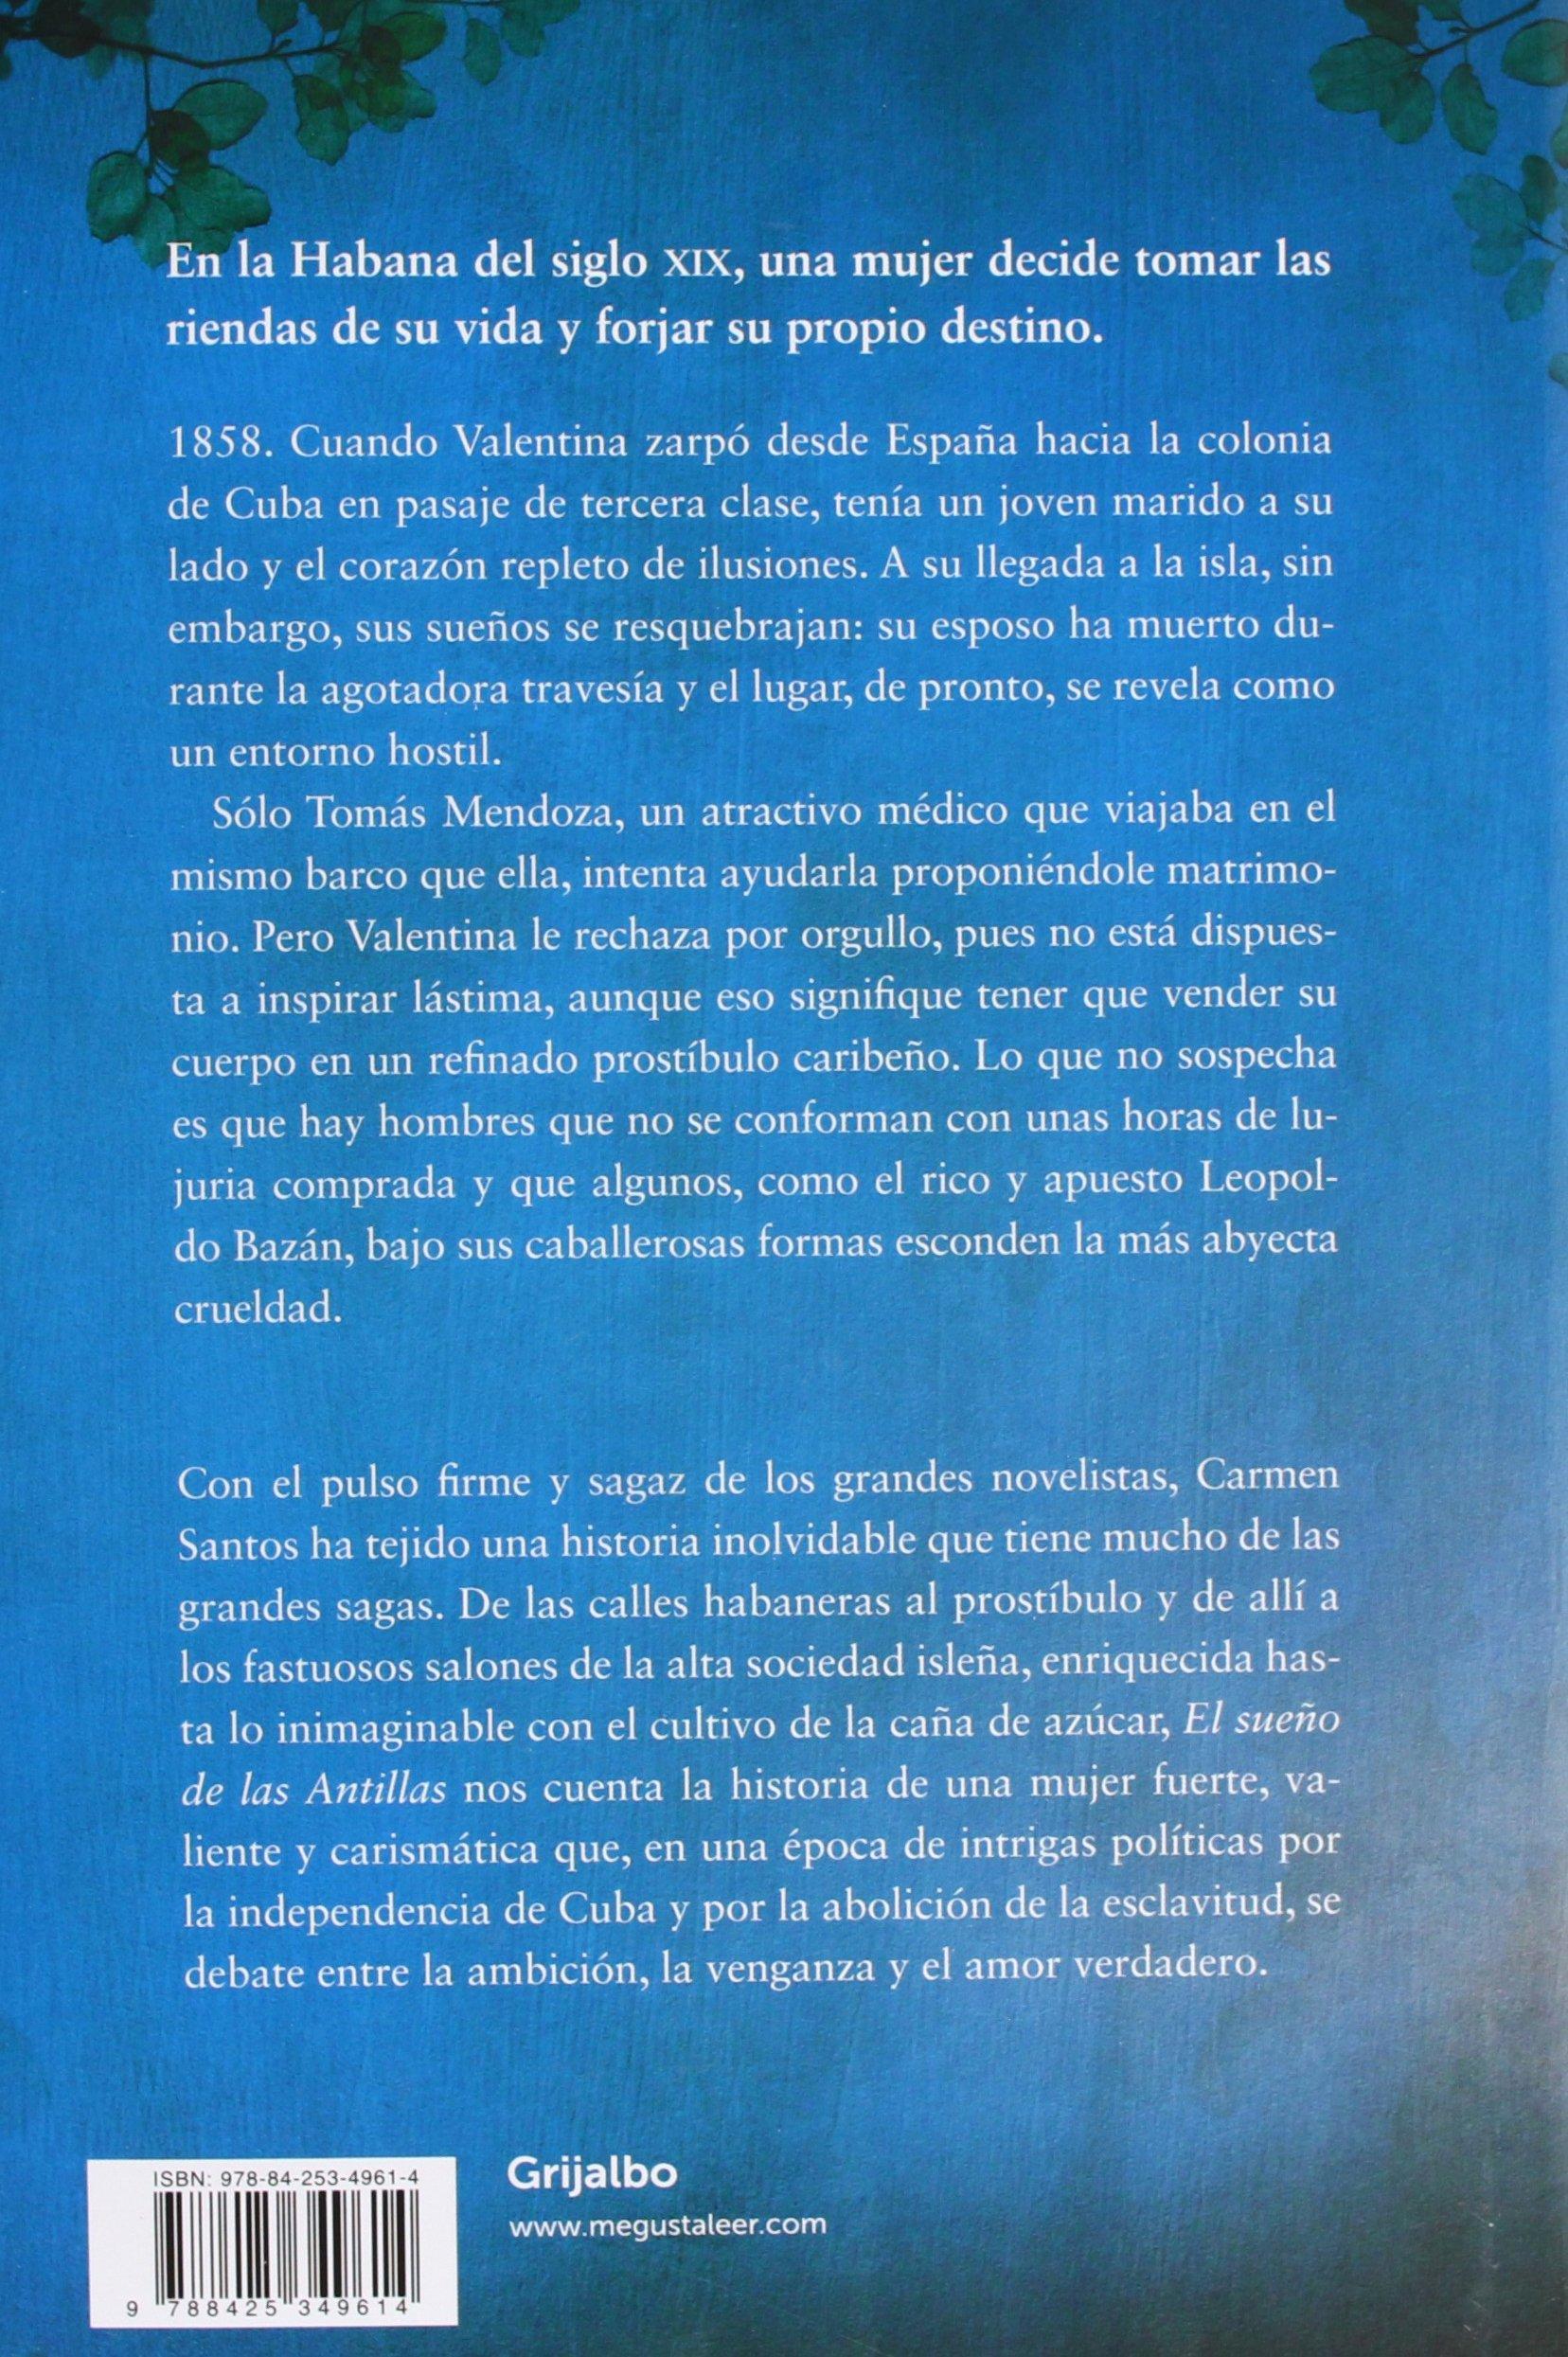 El sueño de las Antillas (Novela histórica): Amazon.es: Carmen Santos: Libros